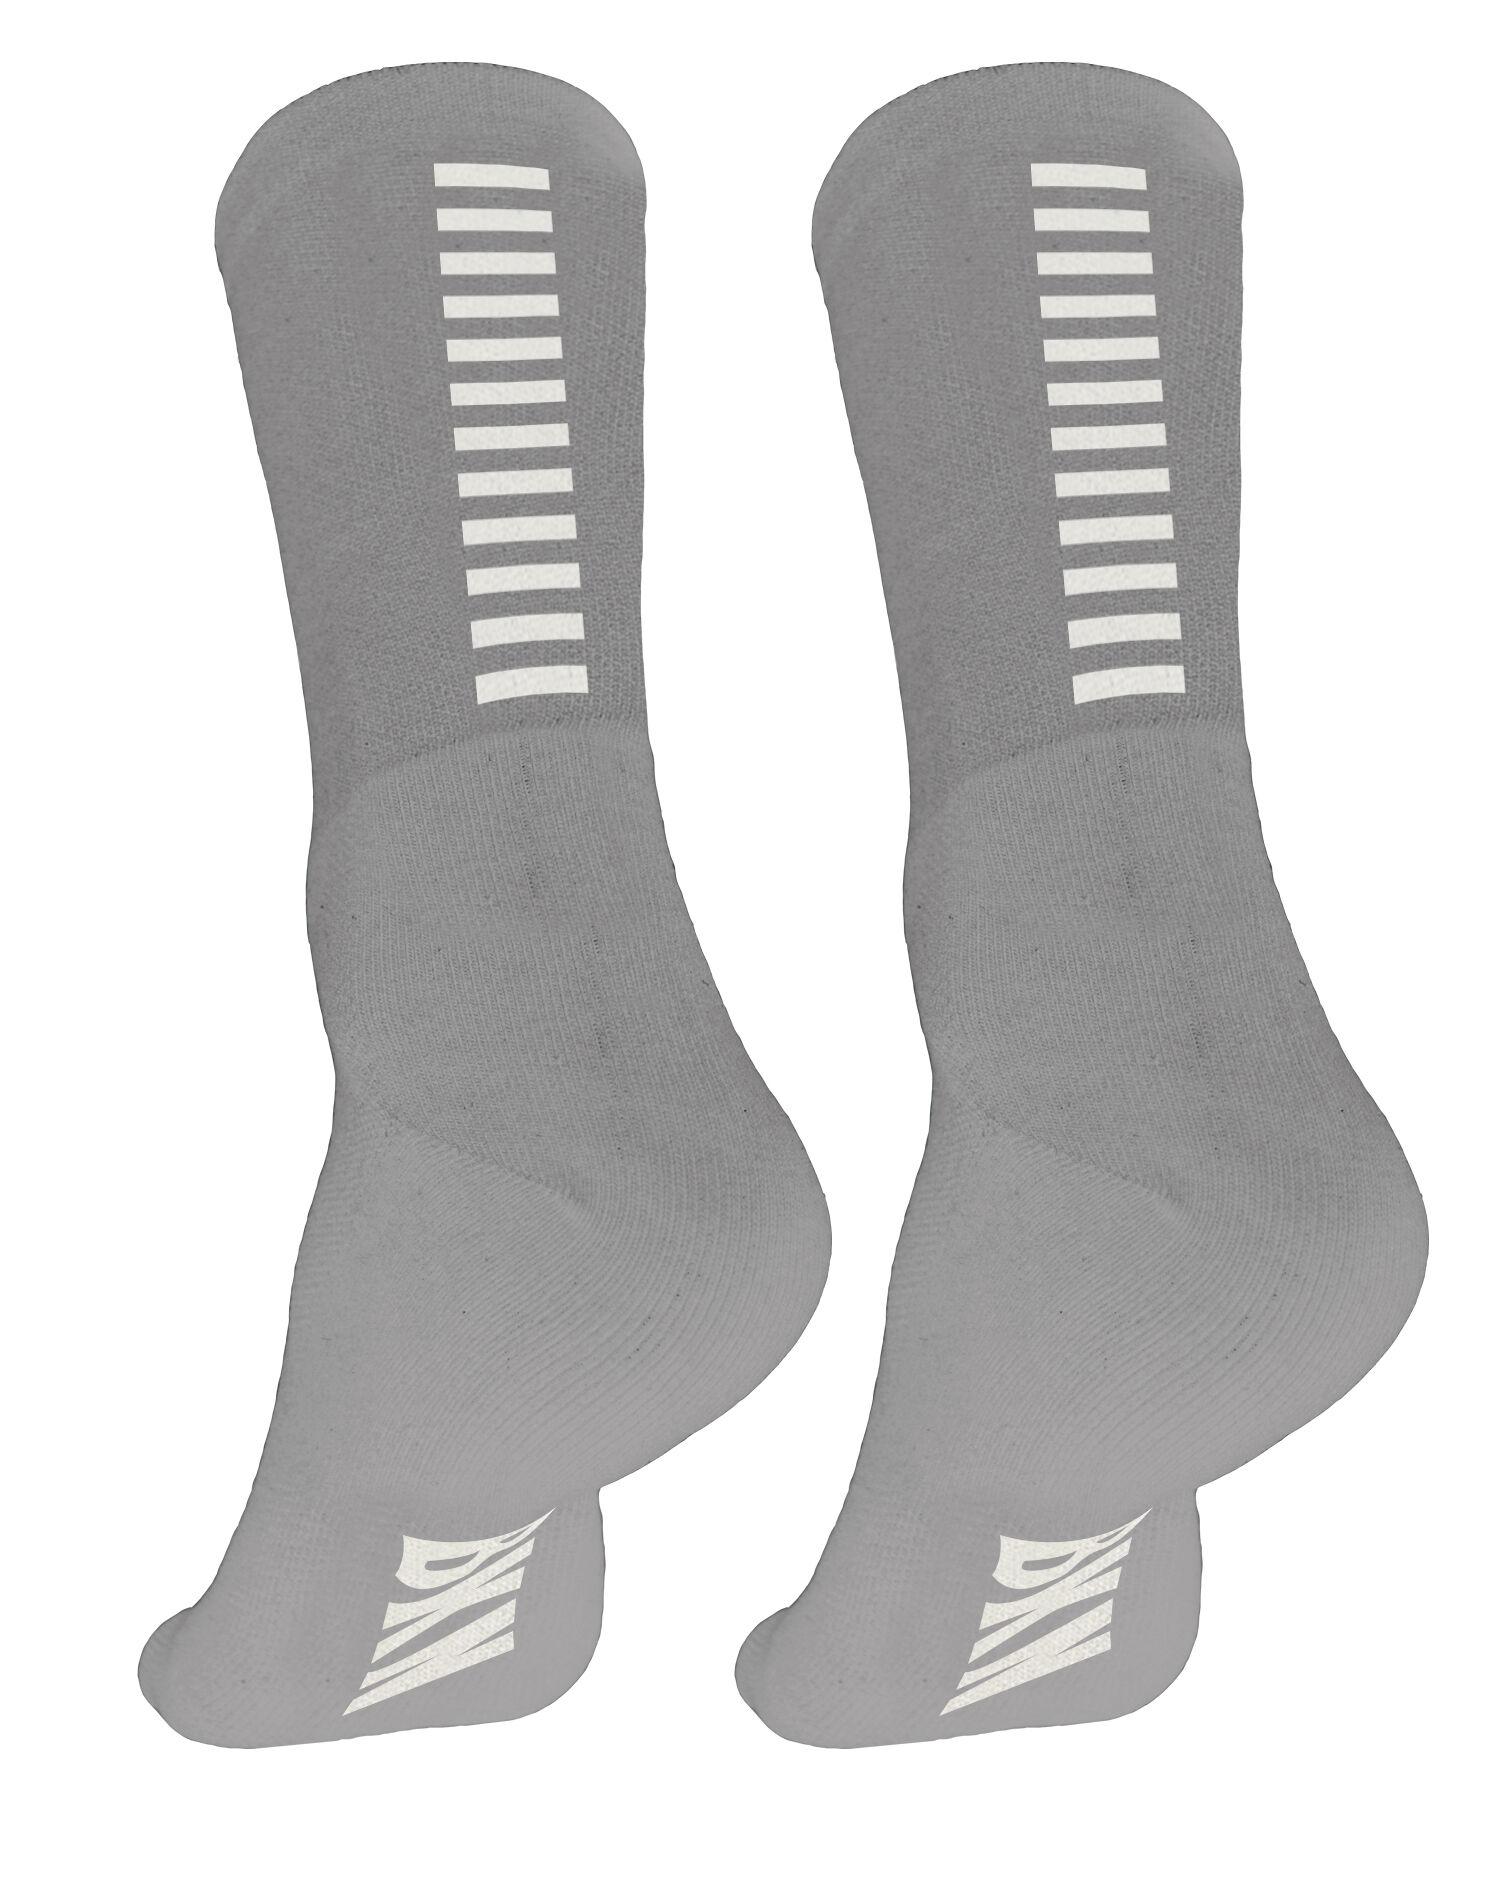 BKN Grey with white stripes